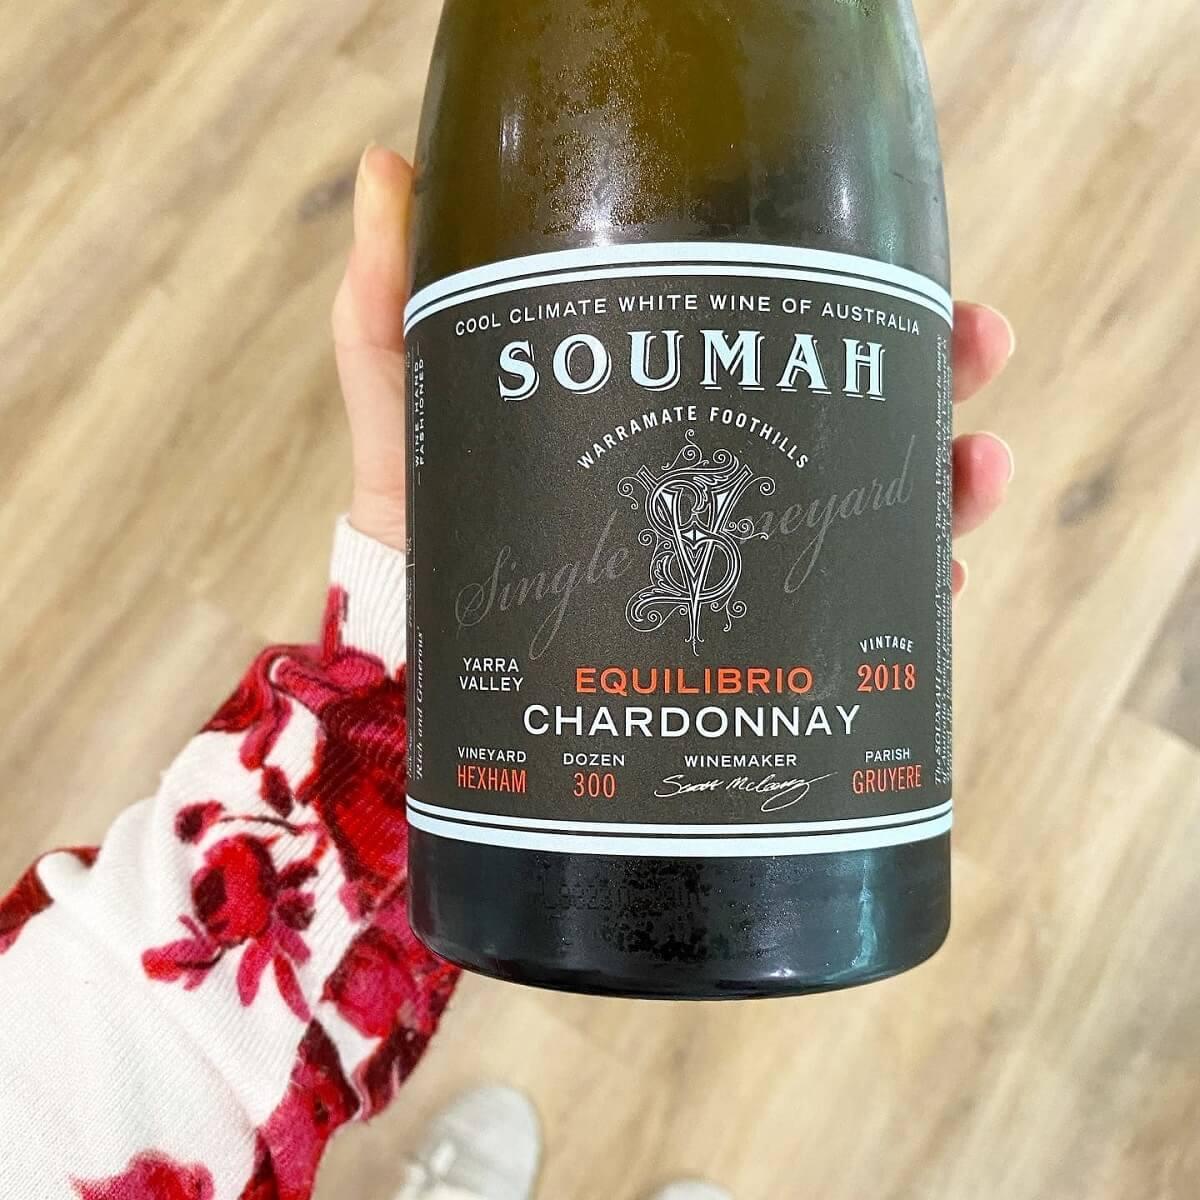 Soumah-Yarra-Valley-2018-Equilibrio-Chardonnay